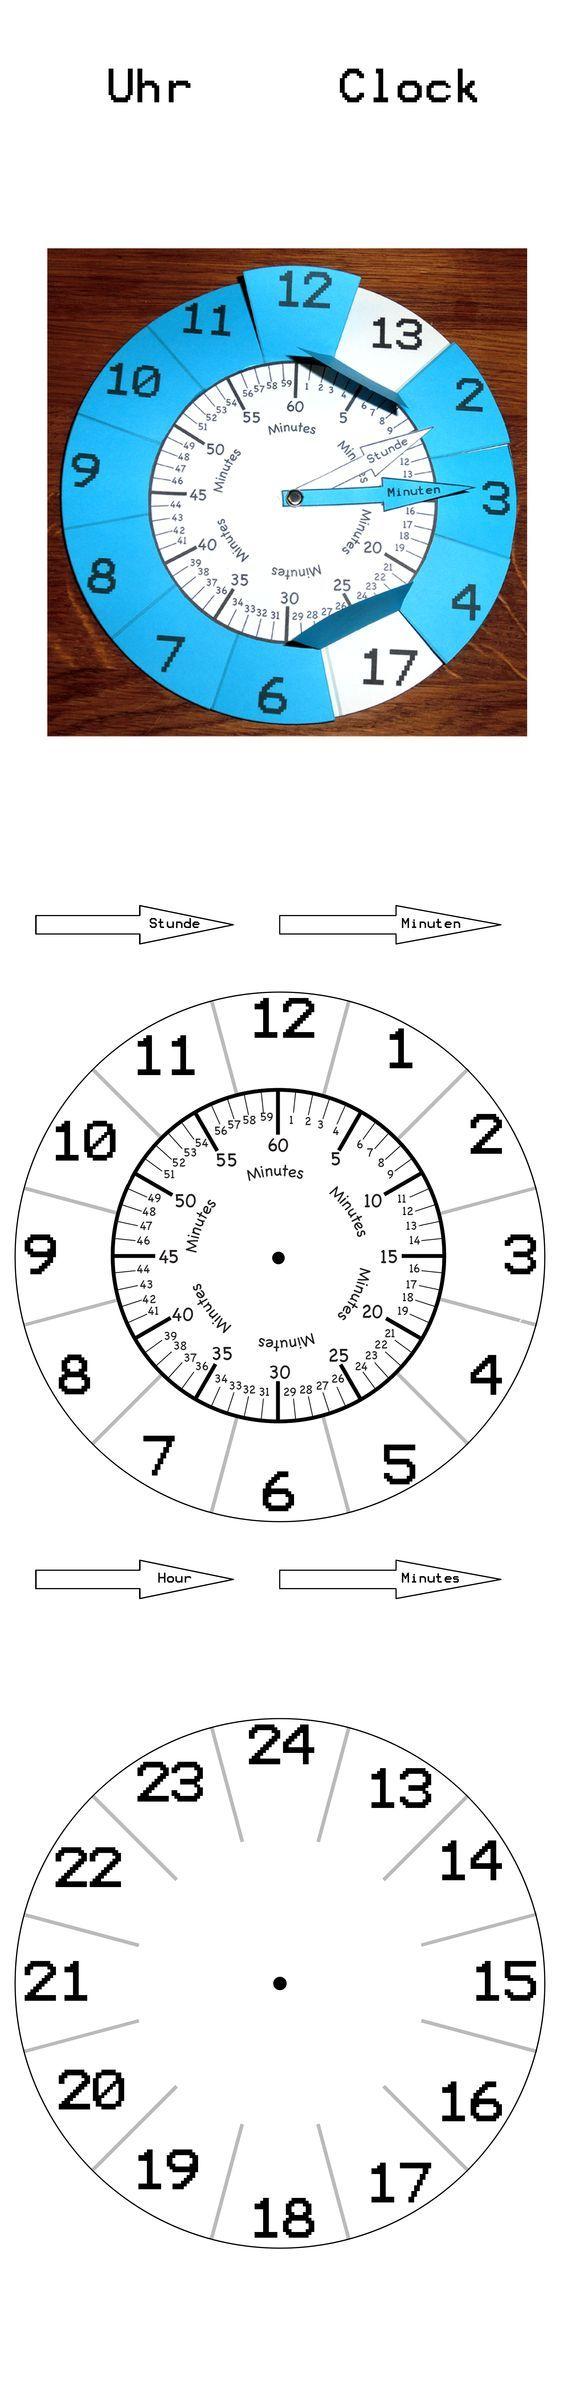 Uhr lernen, original Größe ist A4. Einfach Bild speichern und ausdrucken.: